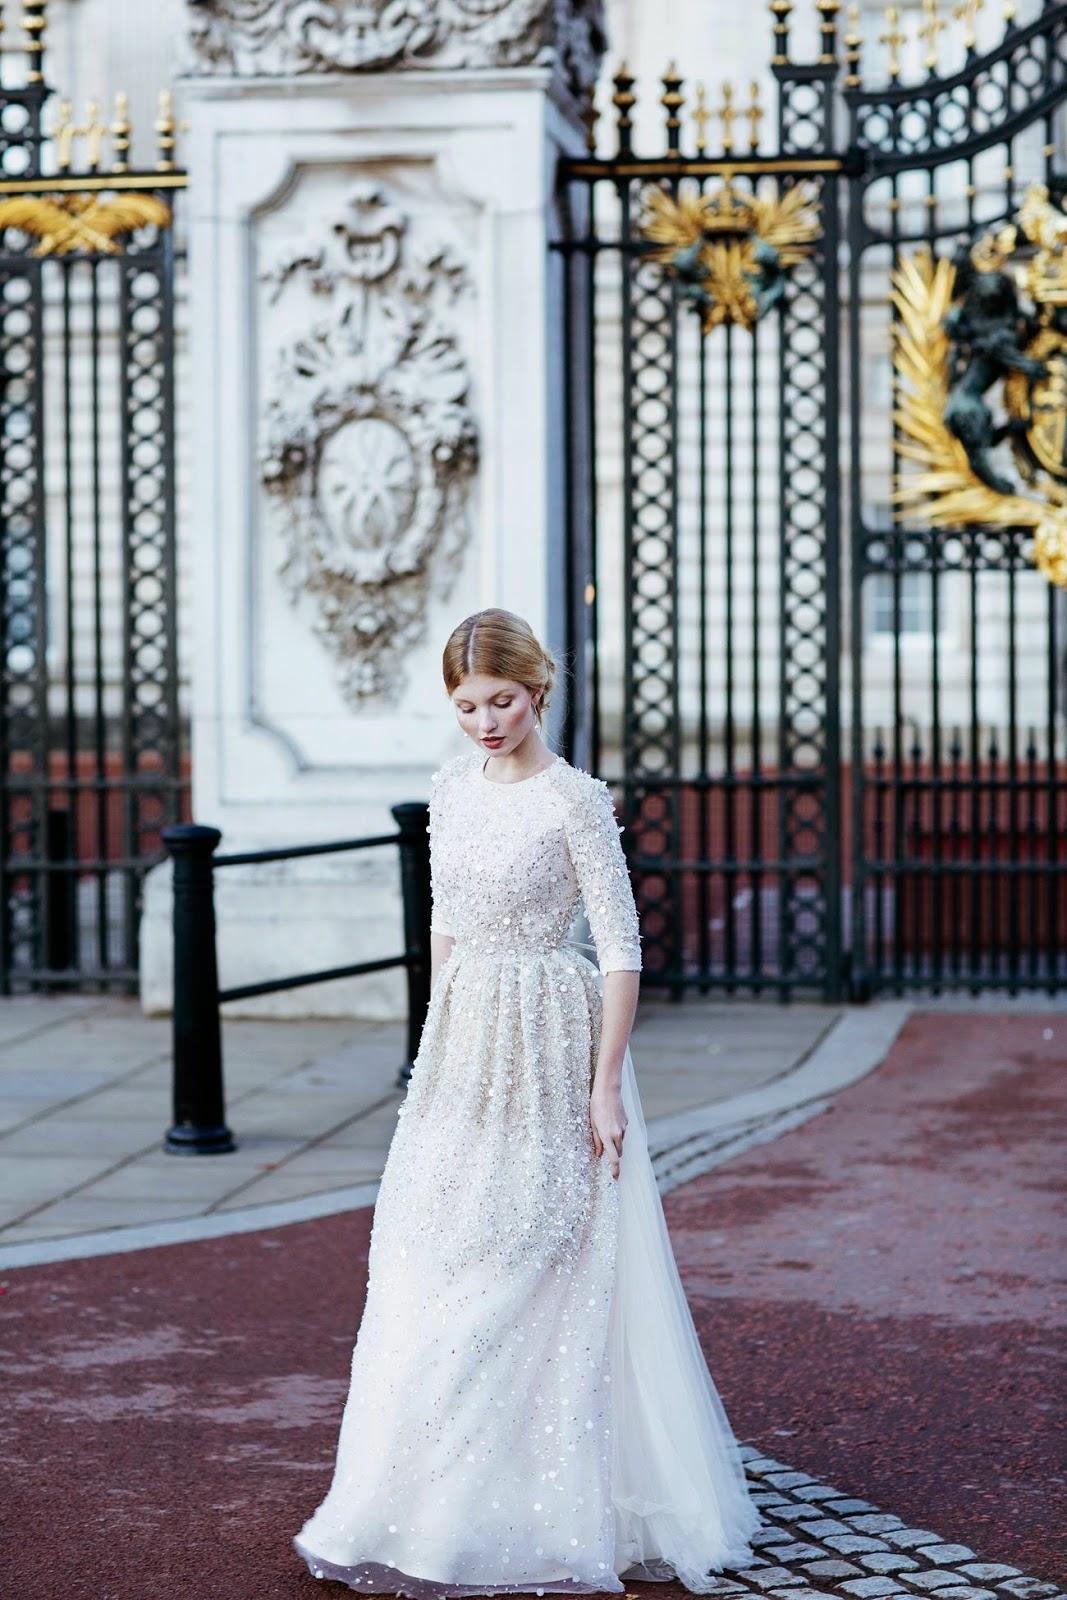 Excellent Donde Comprar Vestidos De Novia Contemporary - Wedding ...